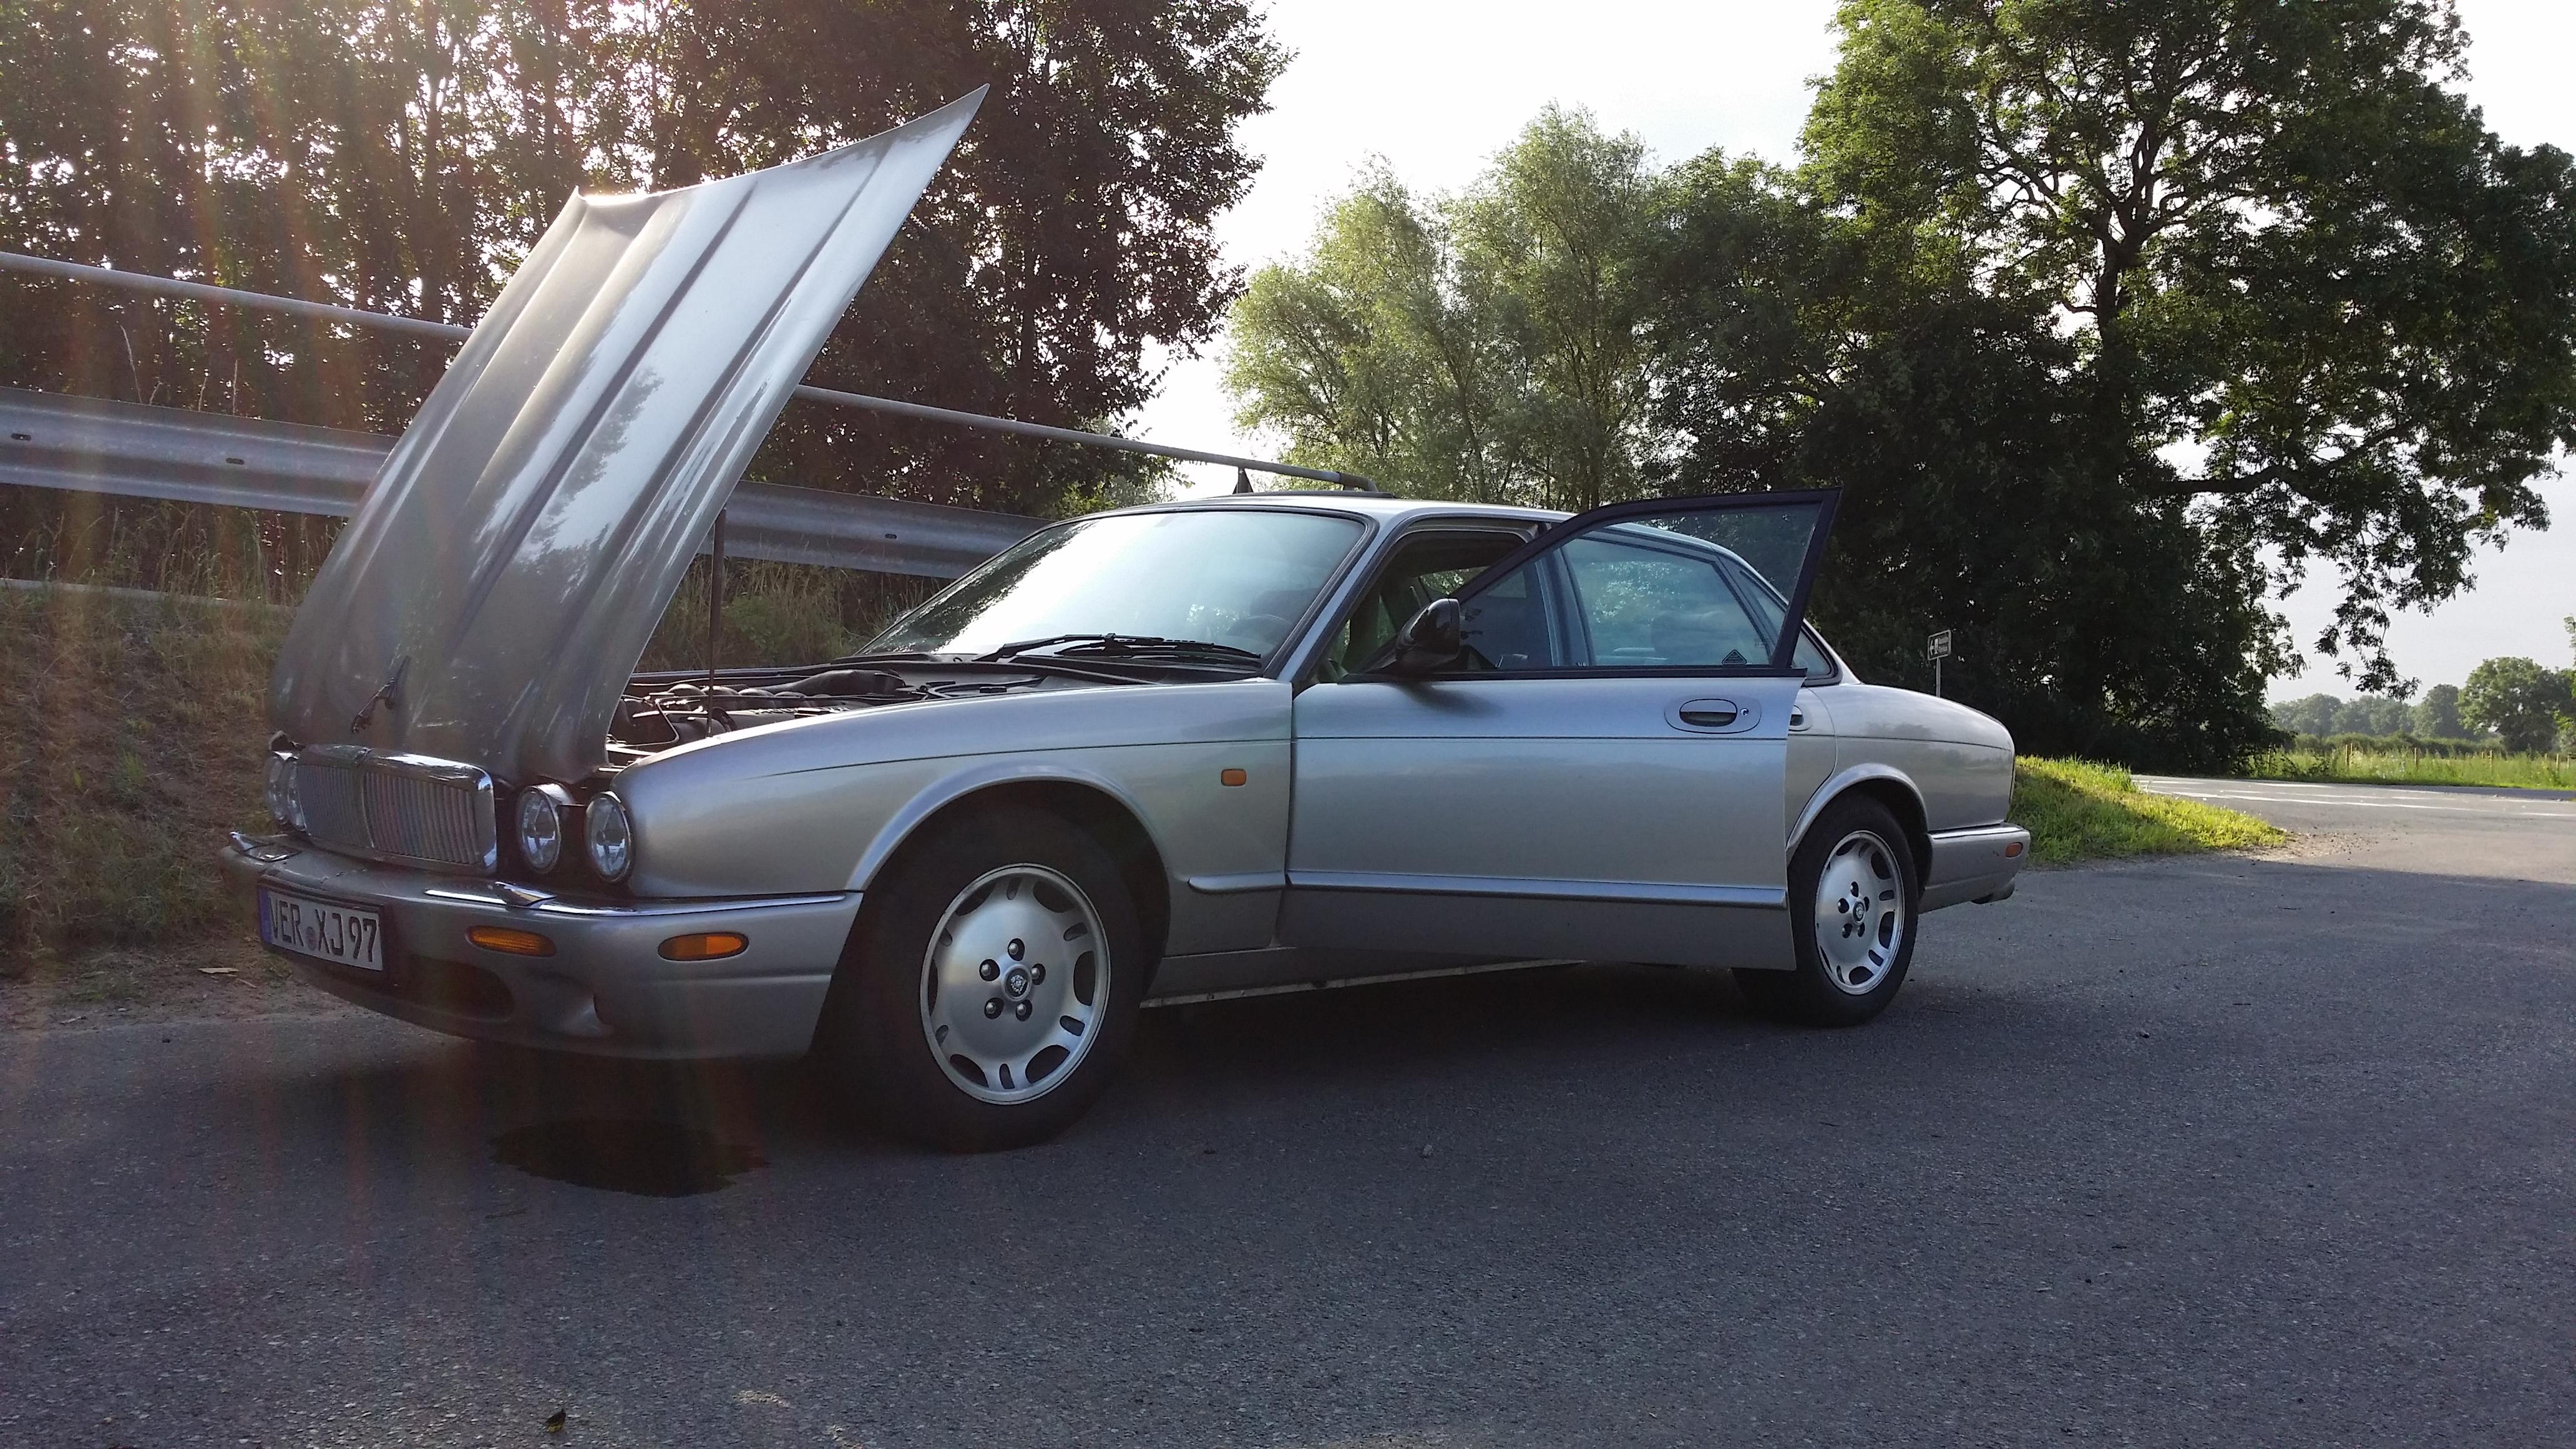 1997 Jaguar XJ8 Executive (X308) 3.2l V8